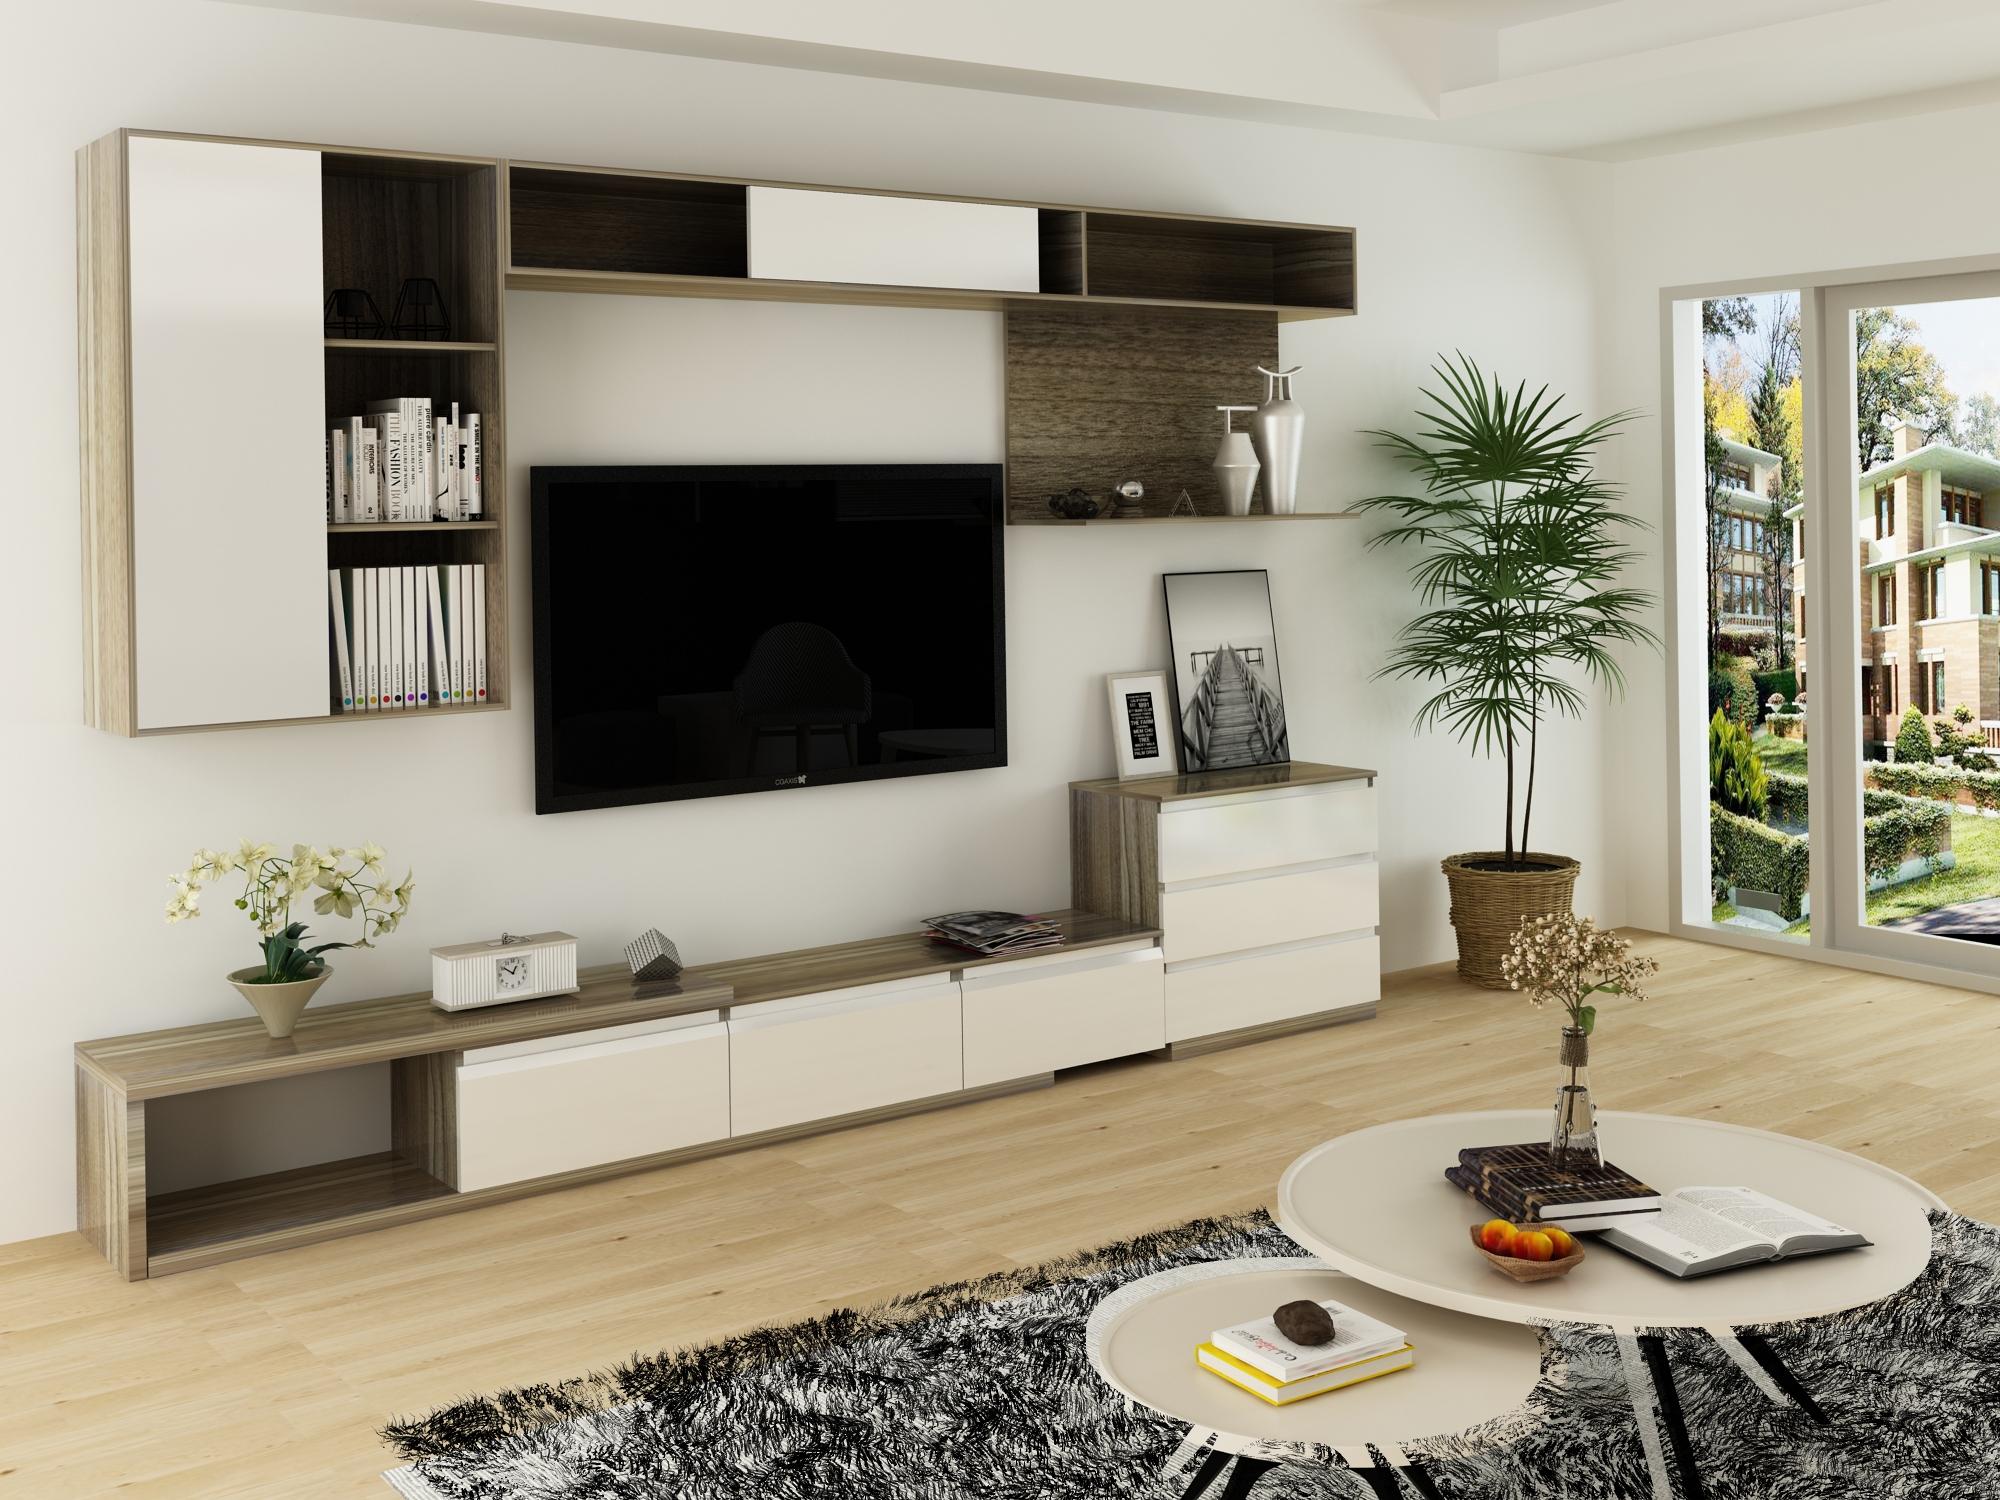 placard tv de petite taille meuble tv nouveau design 2018 buy 2018 nouvelle conception de meubles de meuble tv apartmemt petit 2018 nouvelle